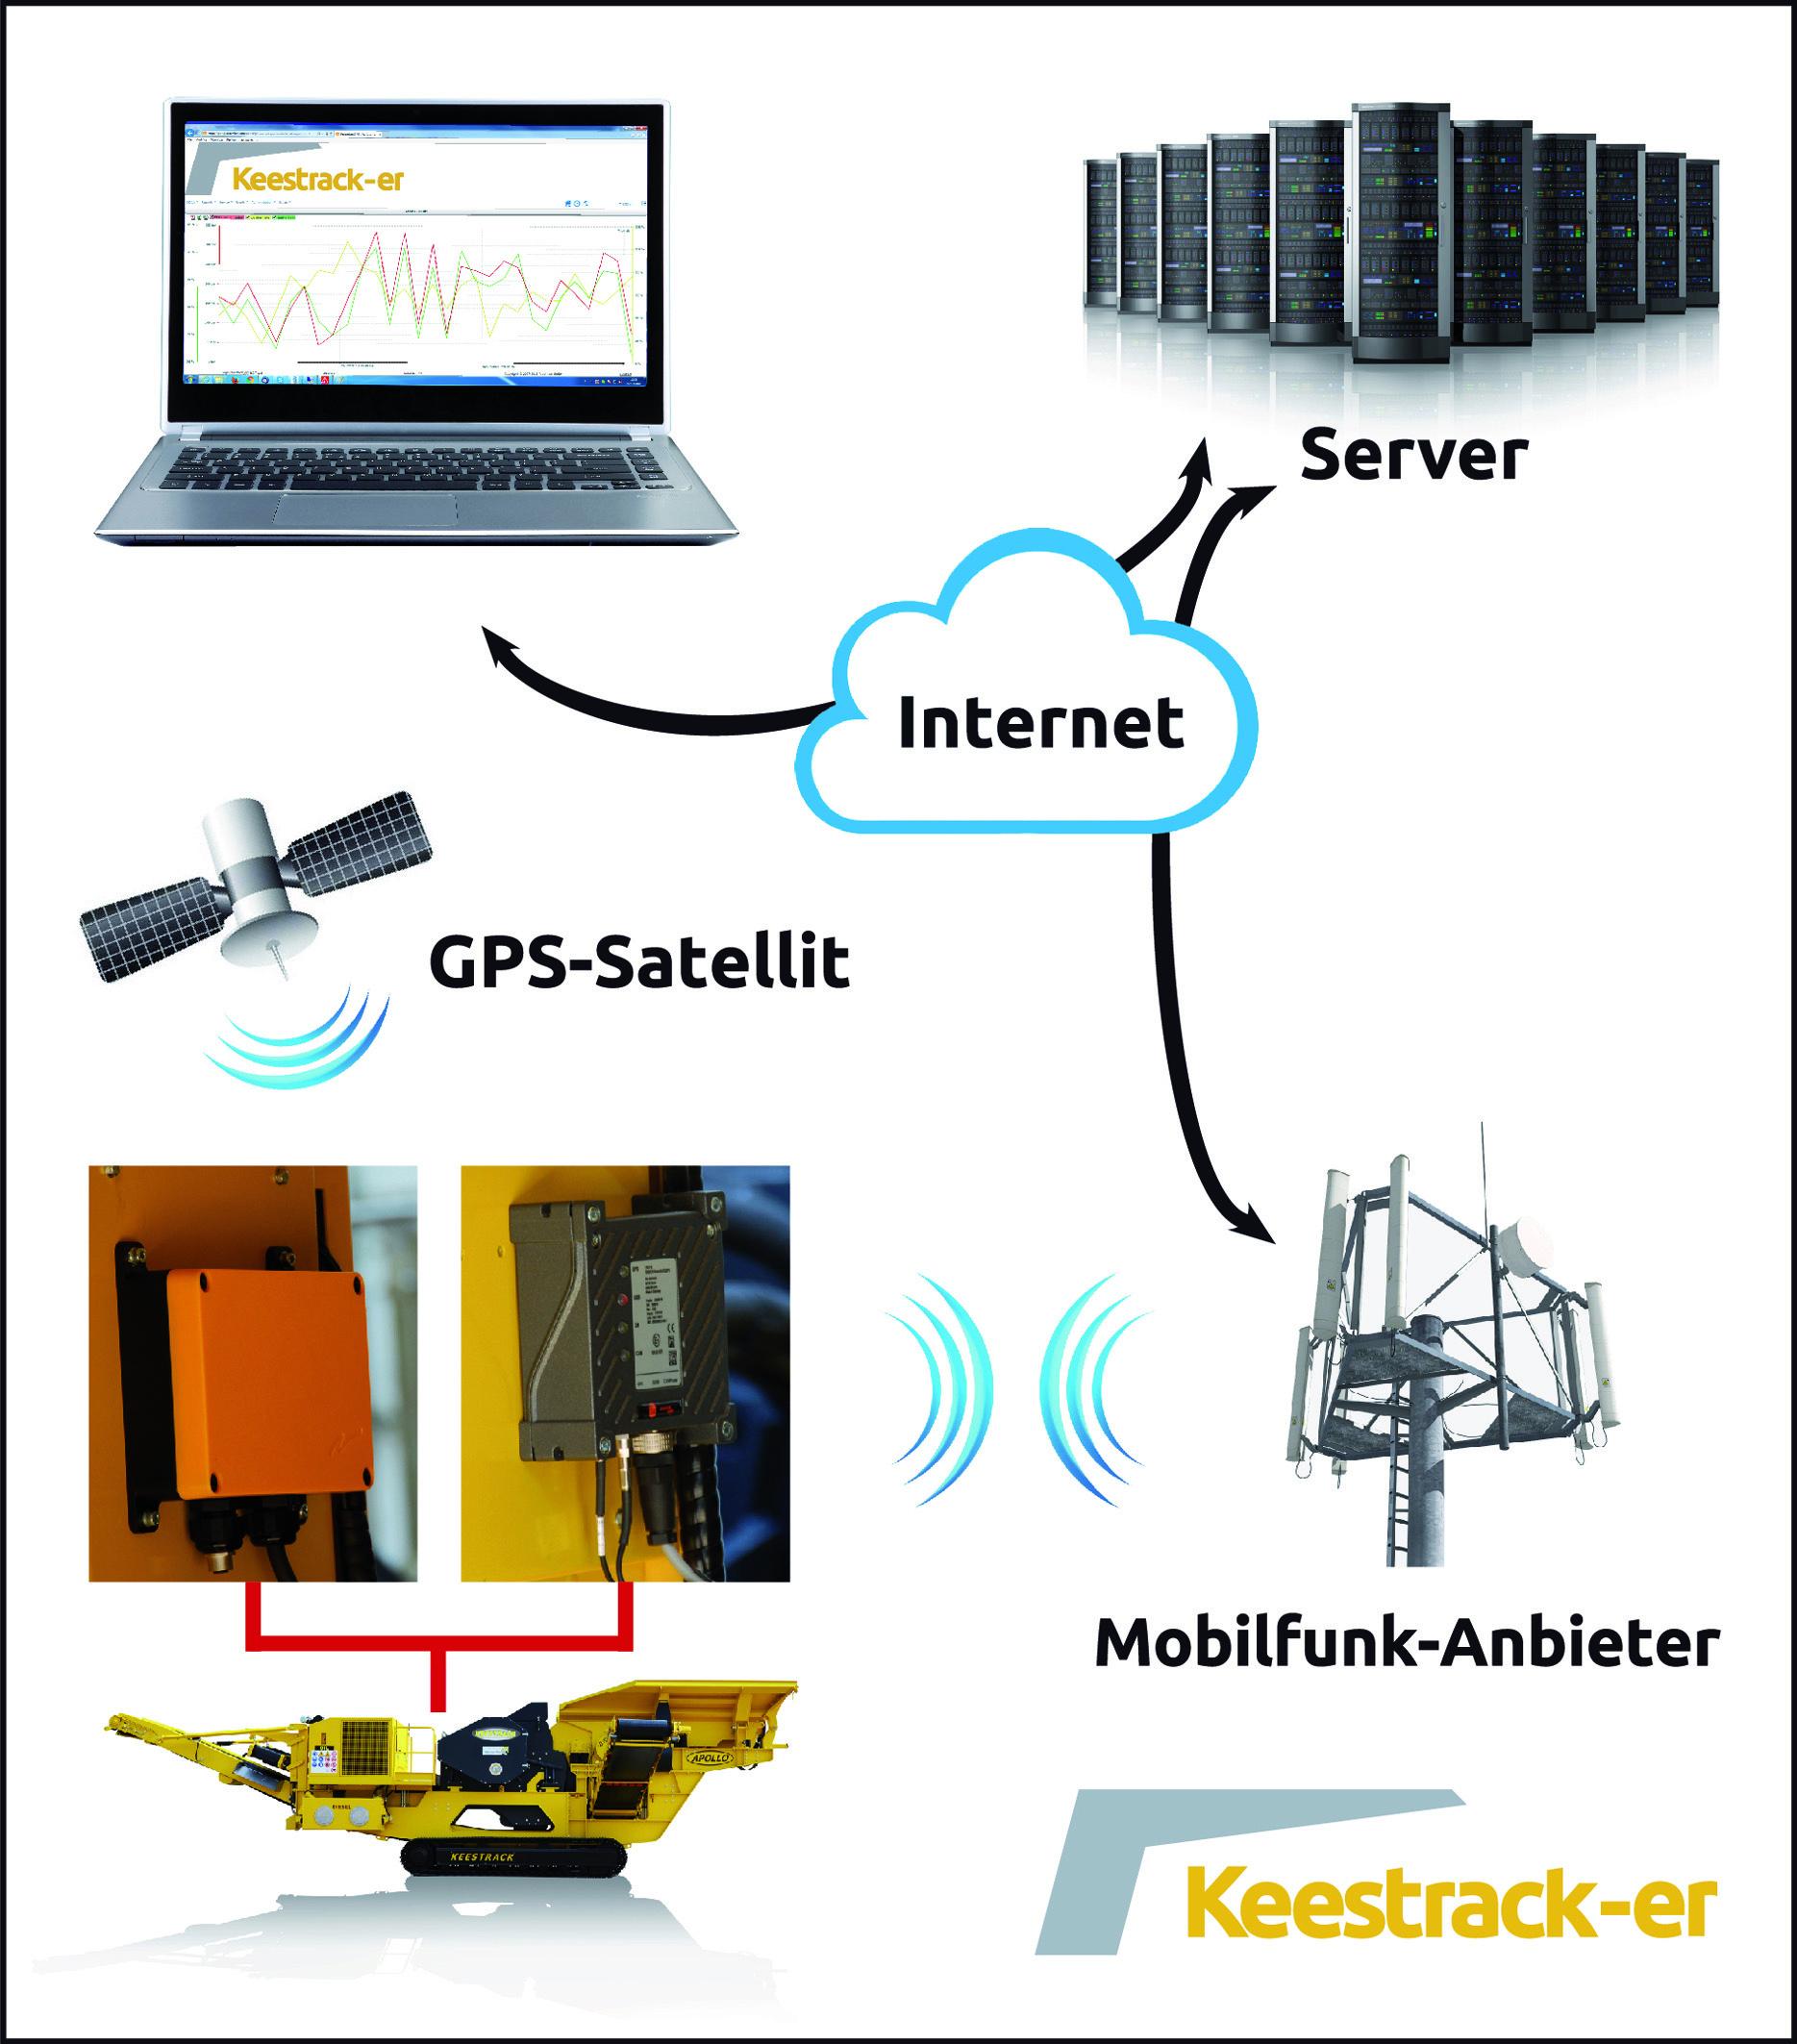 Die interaktive Kommunikationsstruktur von Keestrack-er erlaubt den Fernzugriff auf die Maschinen-Software.  (Abb.: KEESTRACK)